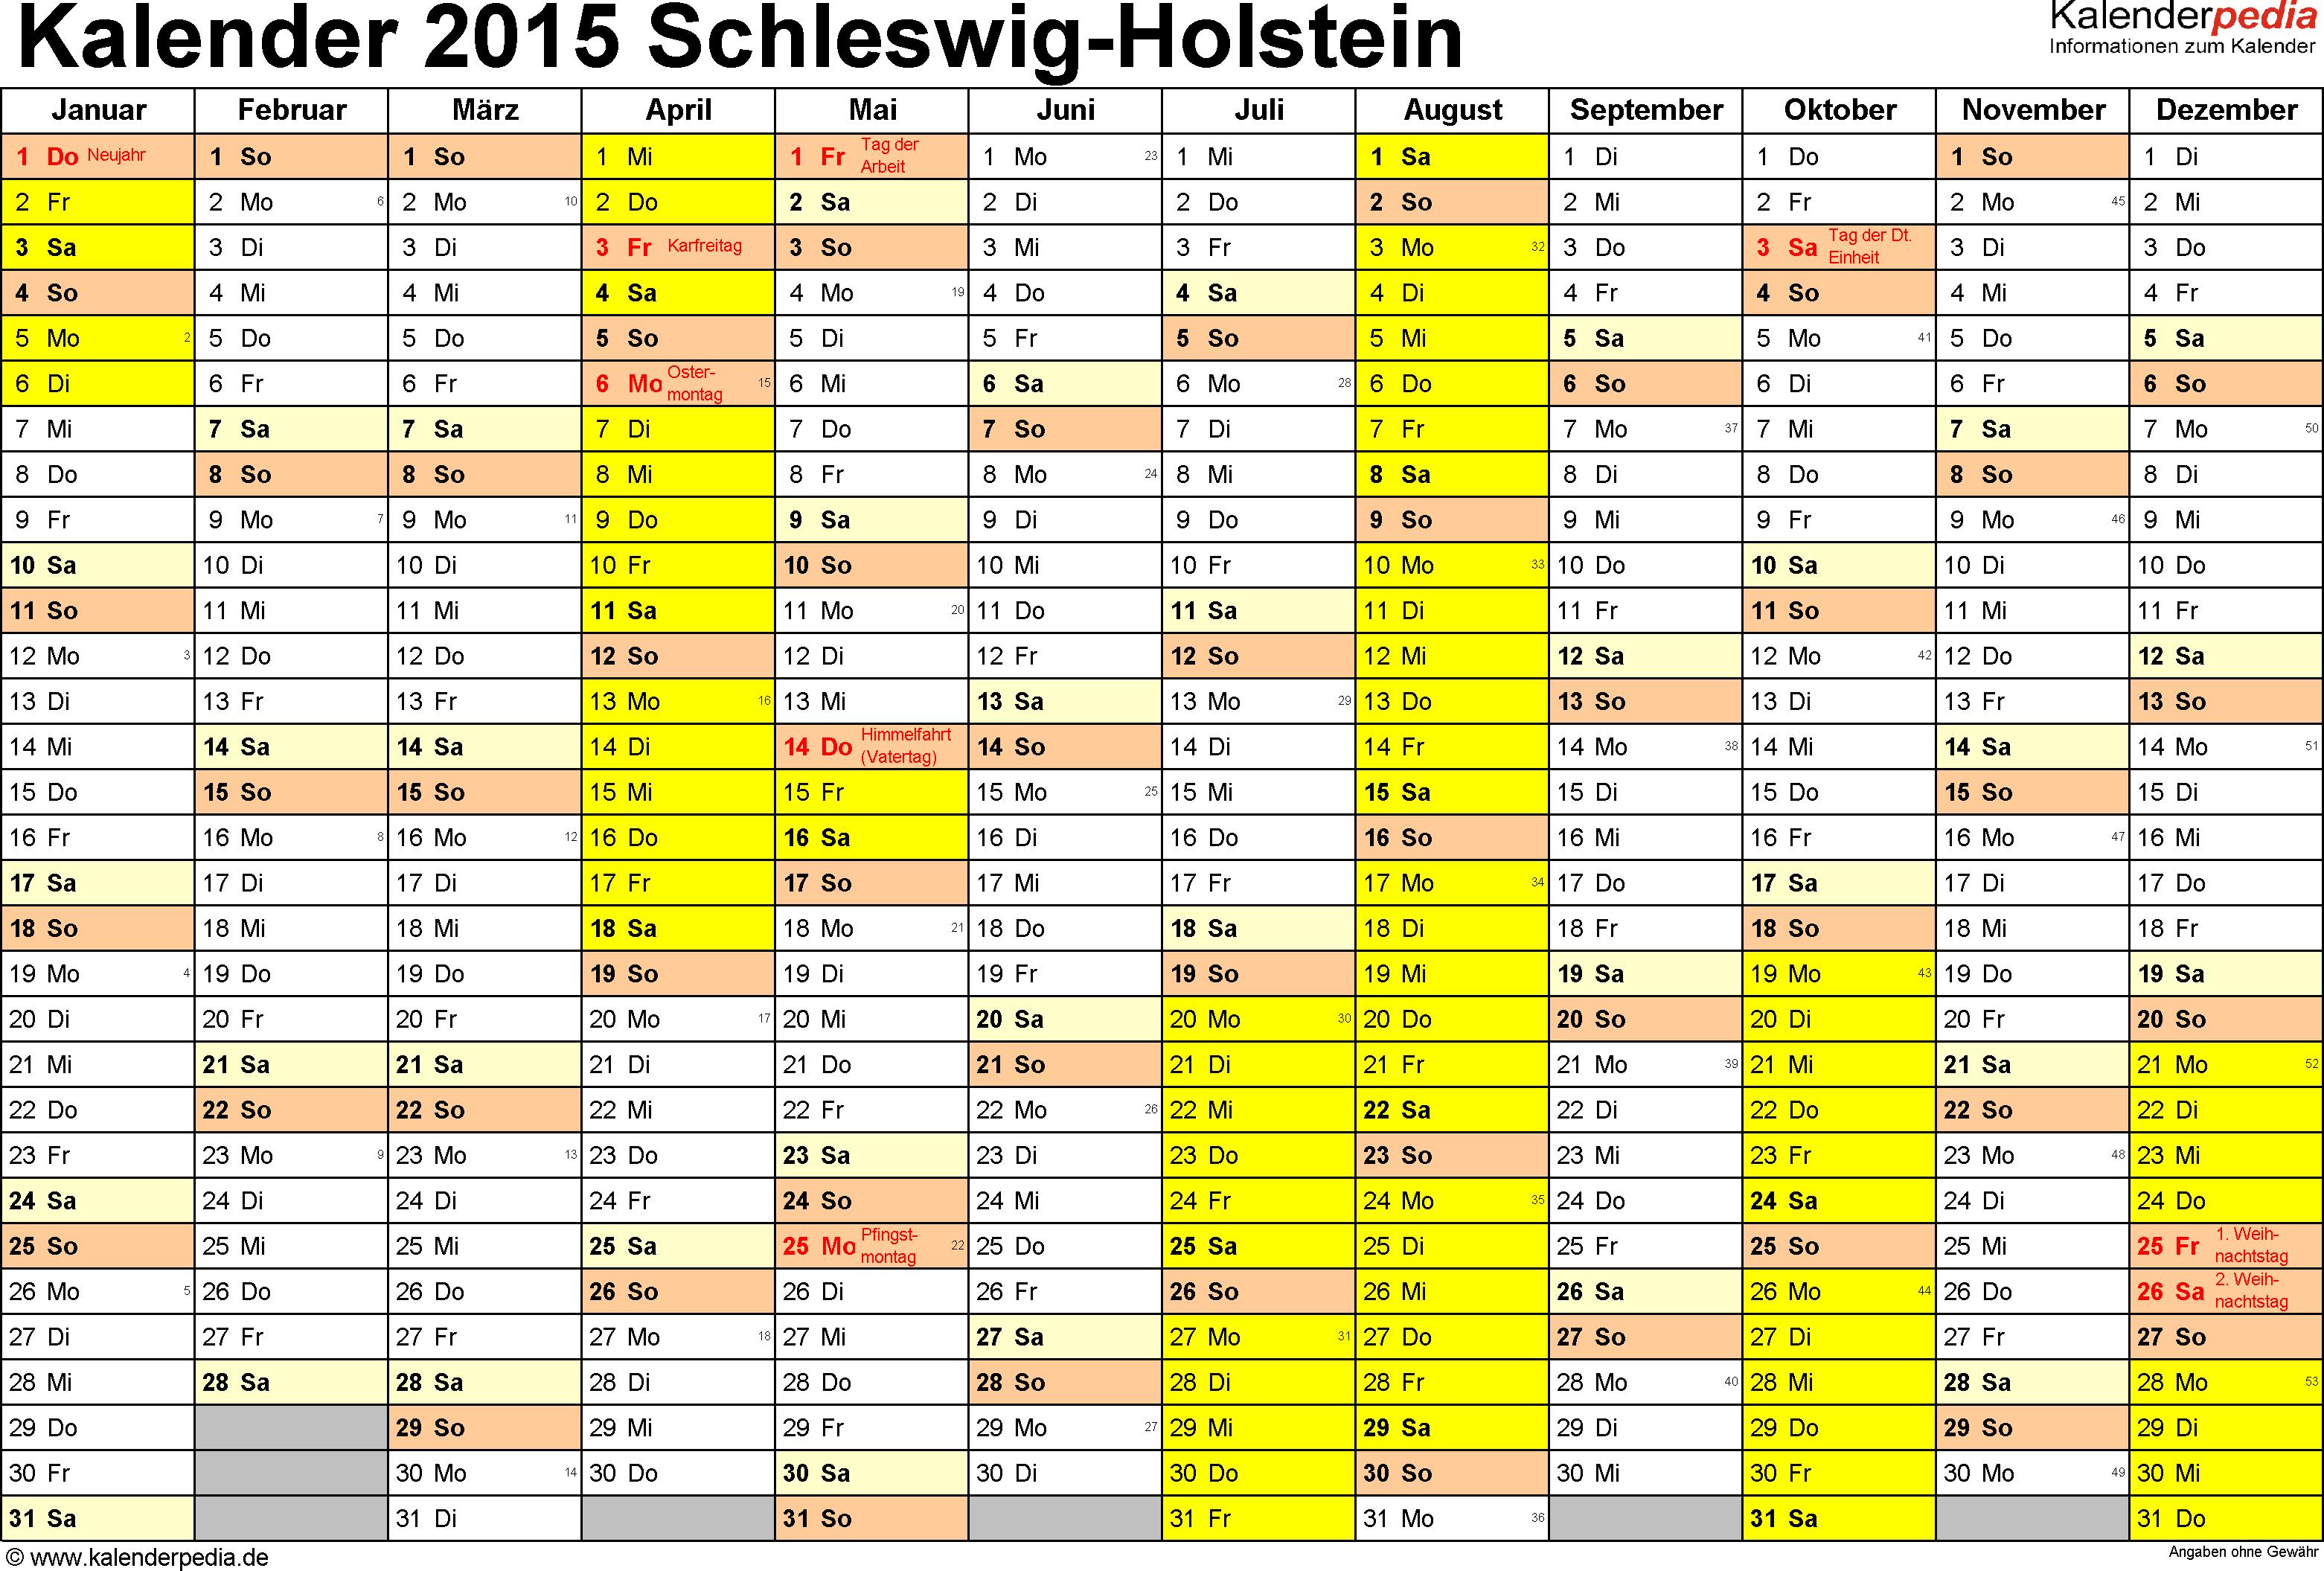 Kalender 2015 Schleswig-Holstein: Ferien, Feiertage, Excel ...